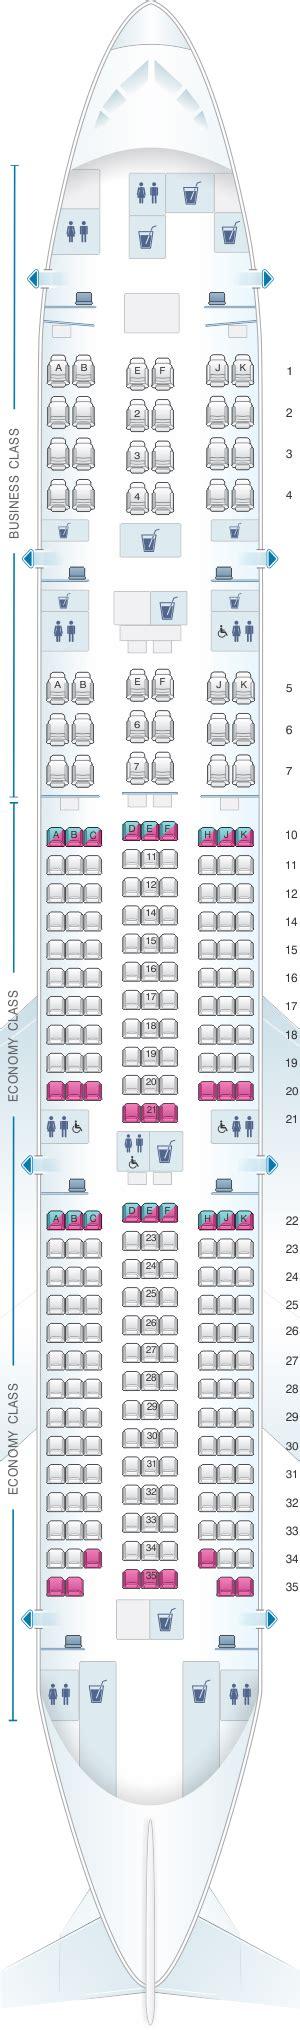 siege boeing 777 plan de cabine qatar airways boeing b777 200lr 259pax